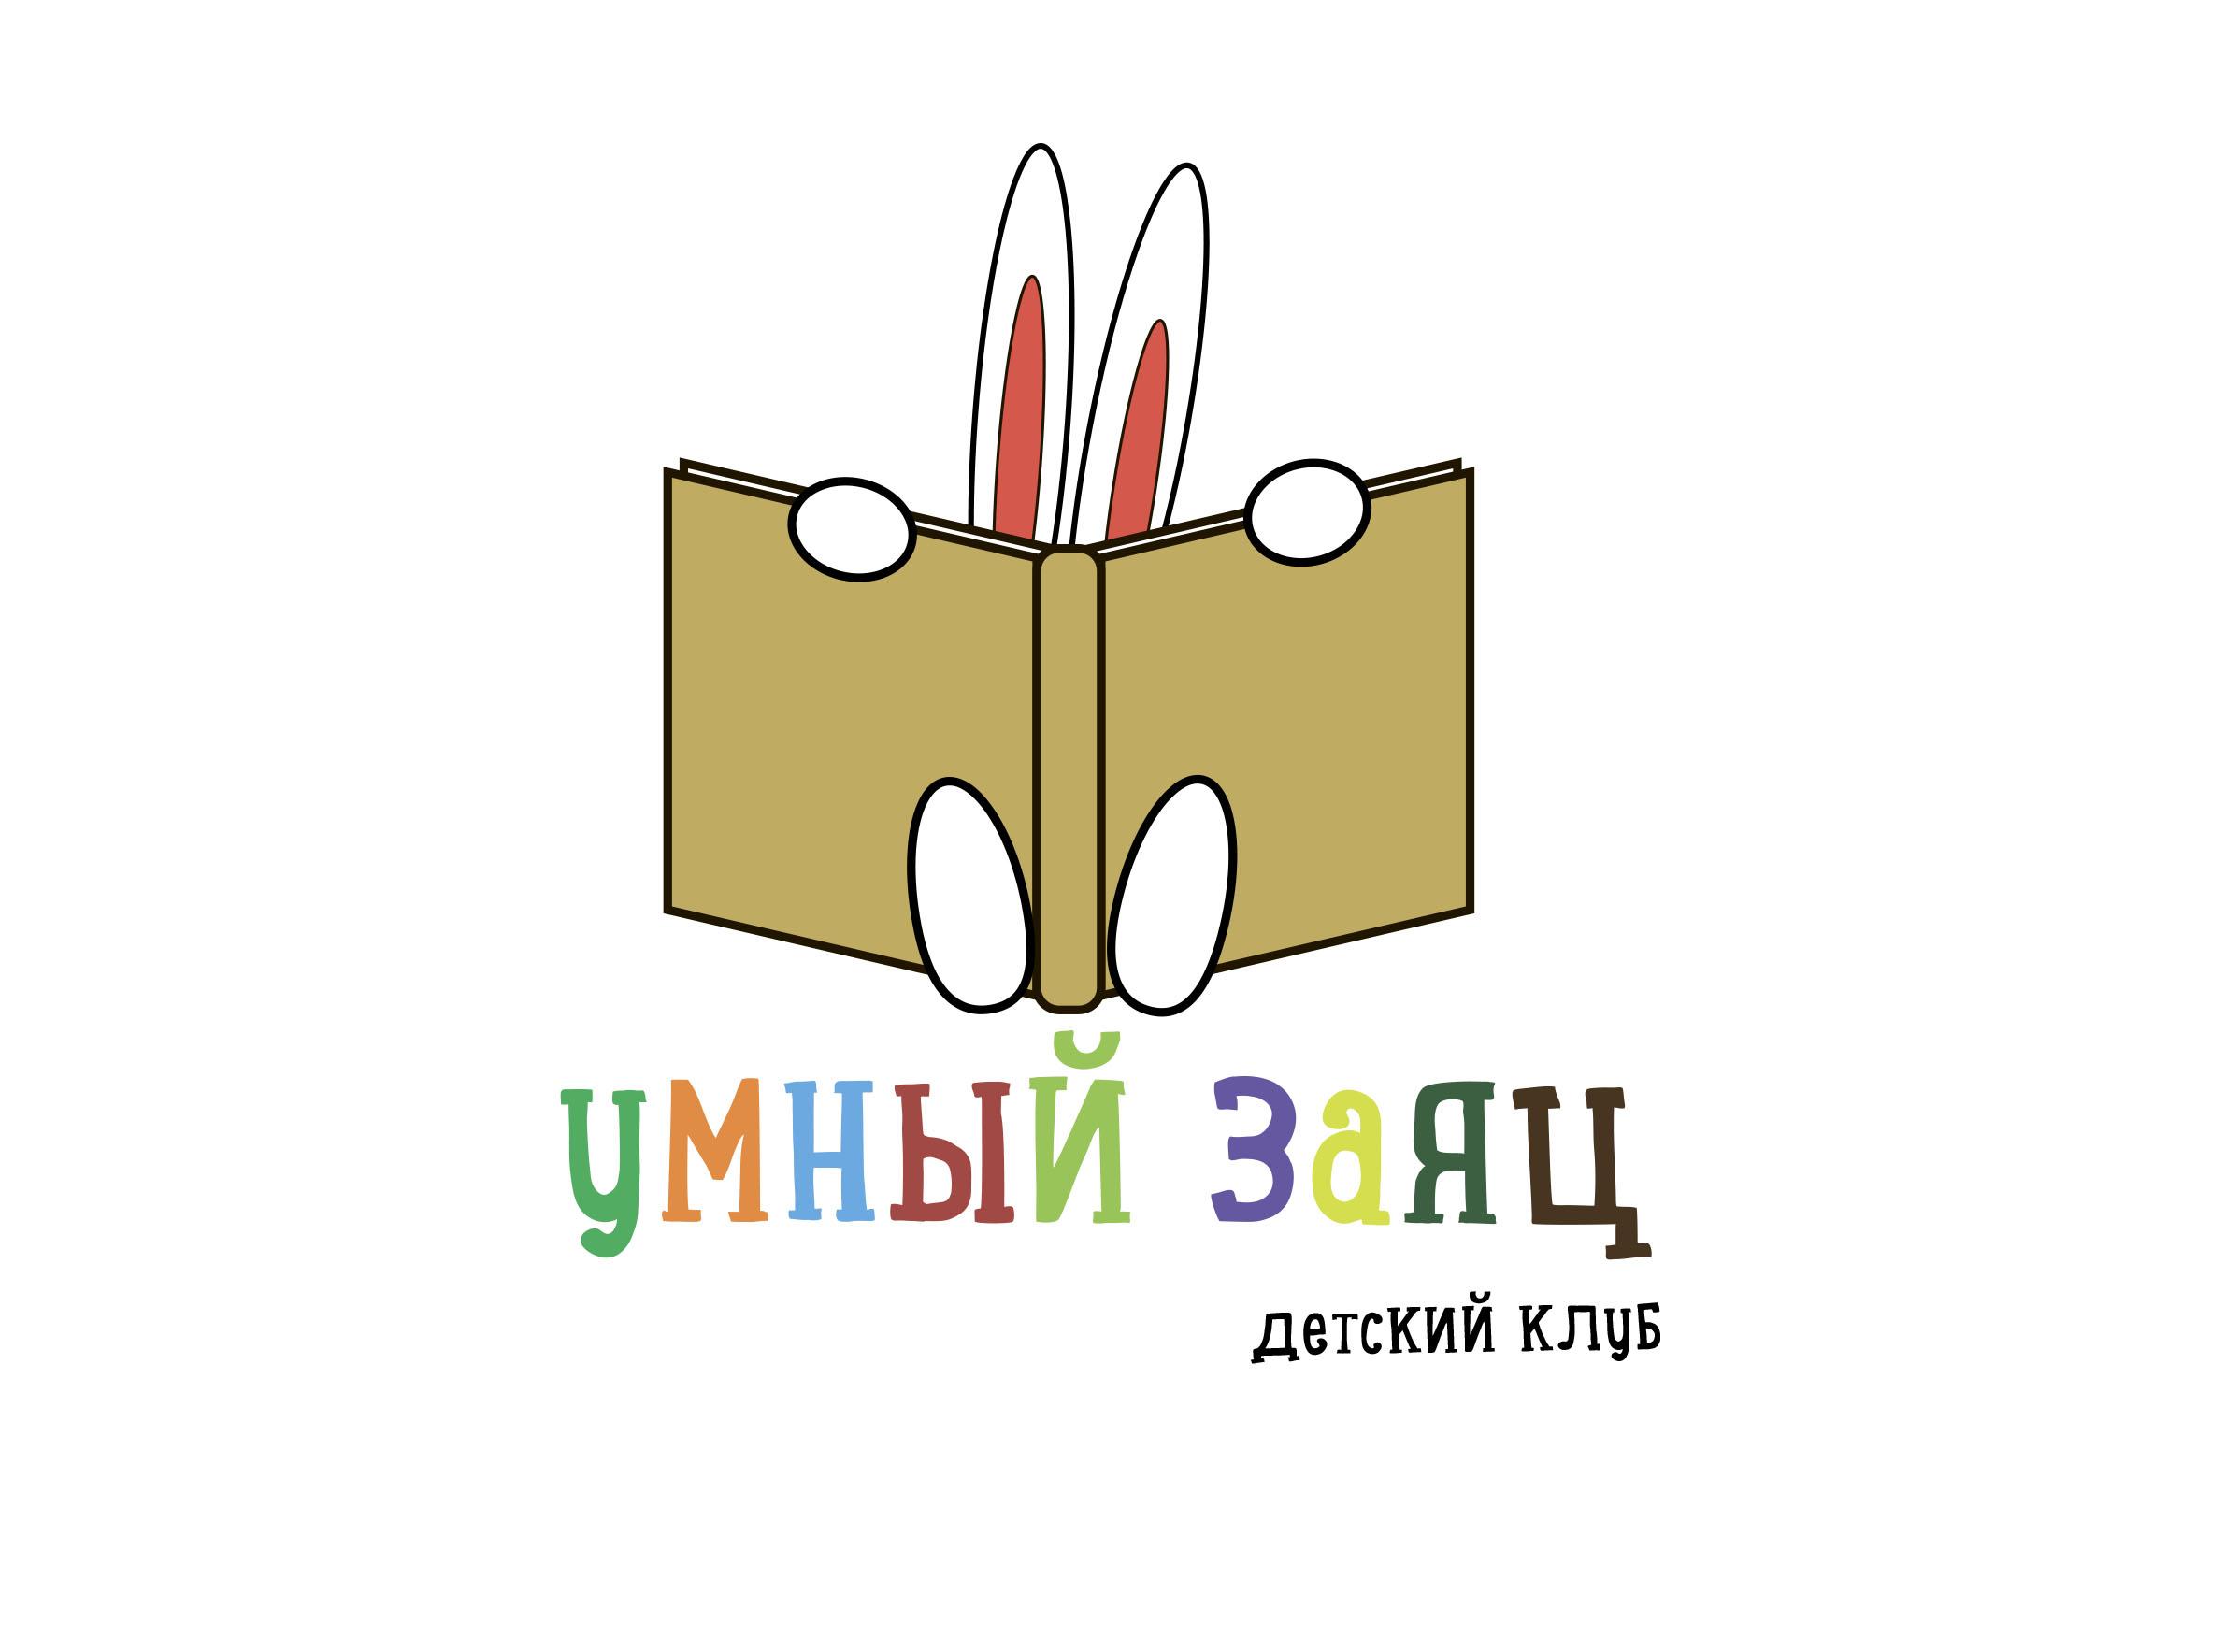 Разработать логотип и фирменный стиль детского клуба фото f_23055525d537697c.jpg